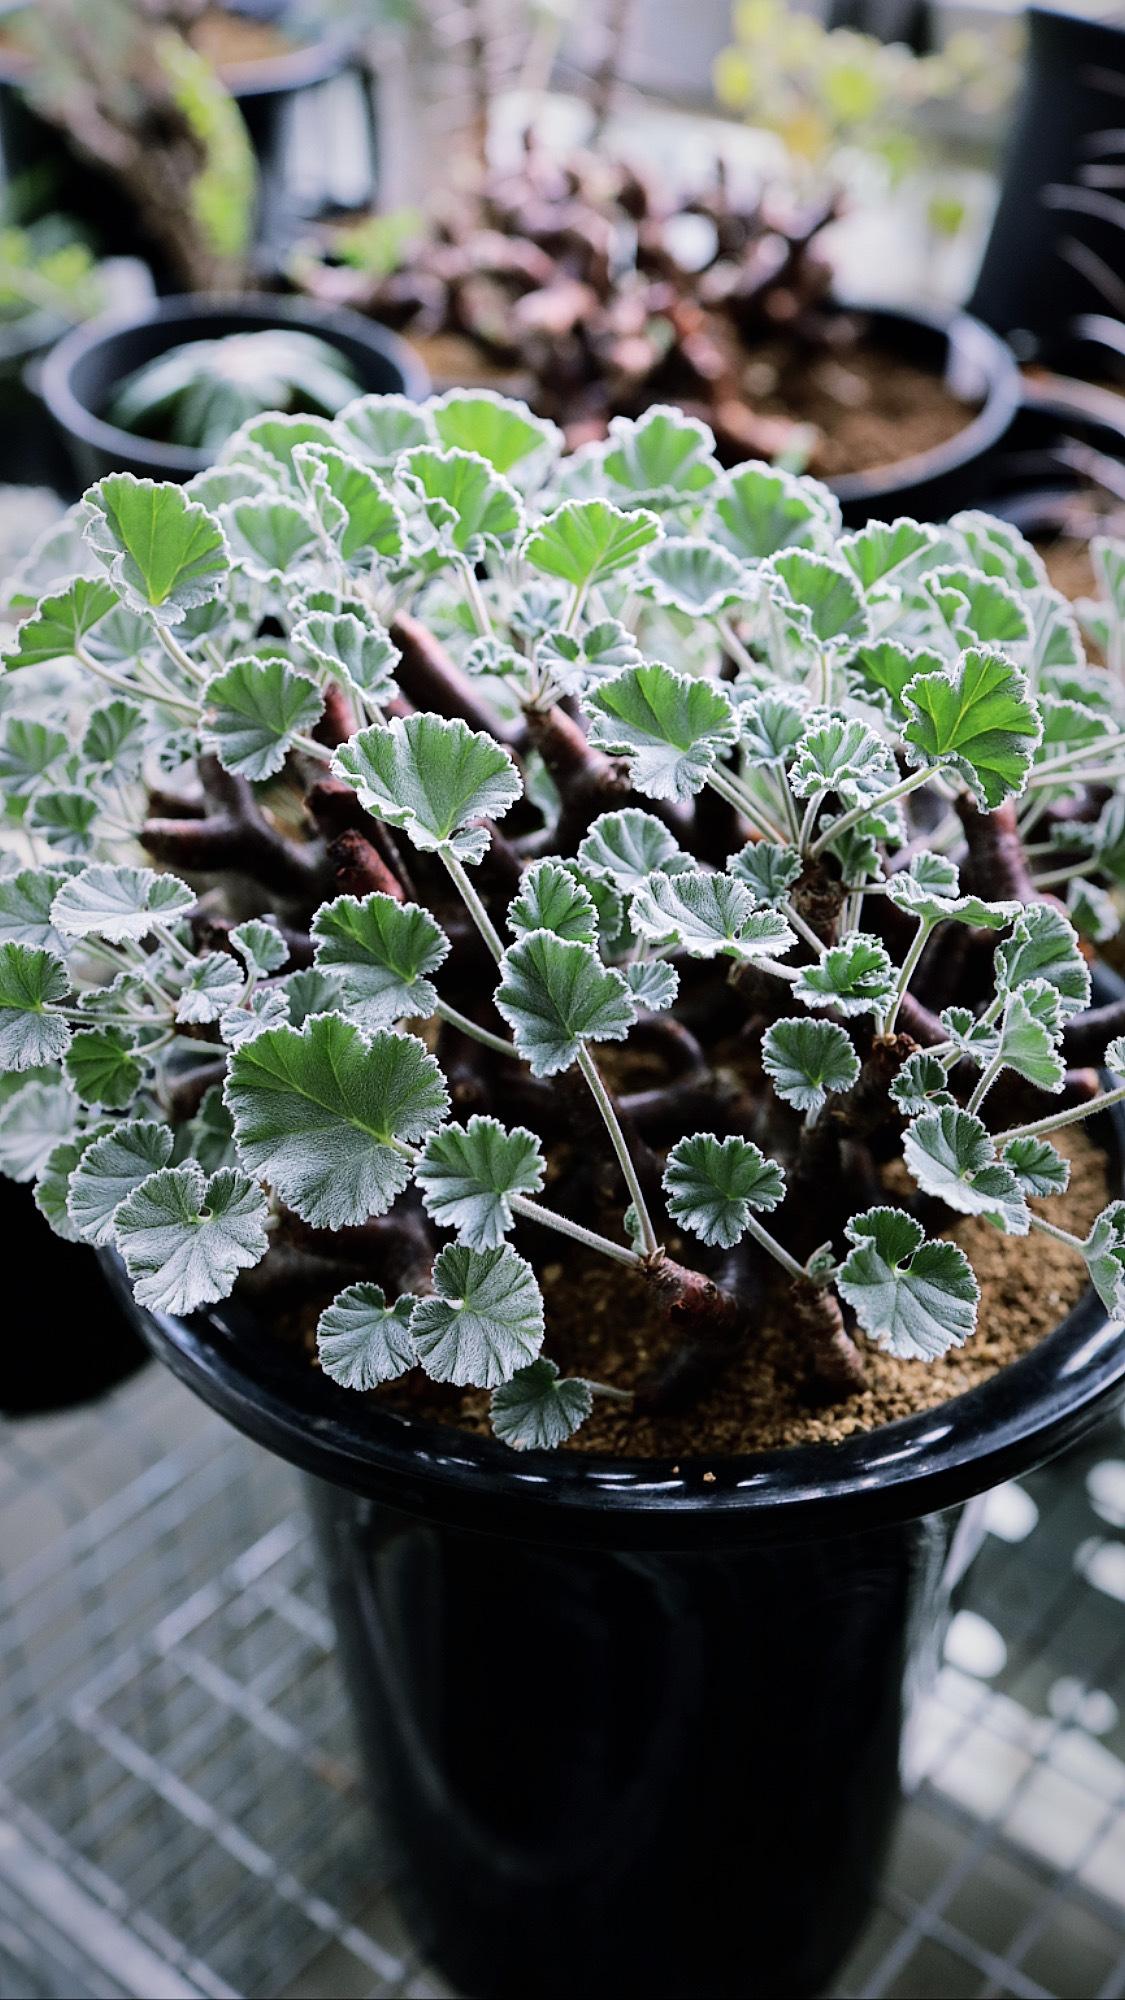 ペラルゴニウム・ミラビレ | Pelargonium mirabile